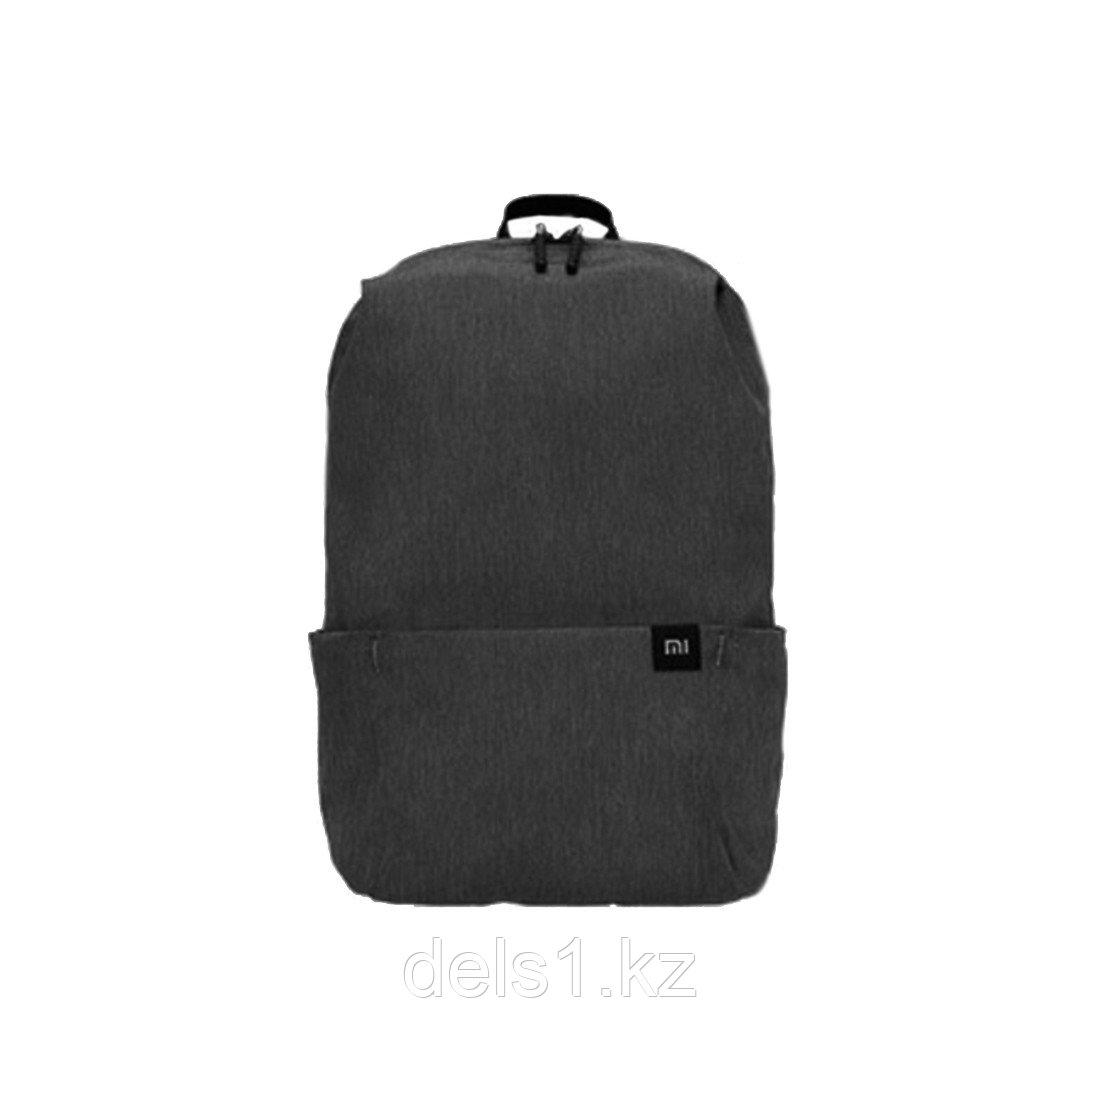 Рюкзак Xiaomi RunMi 90 Points Eight Colors Черный